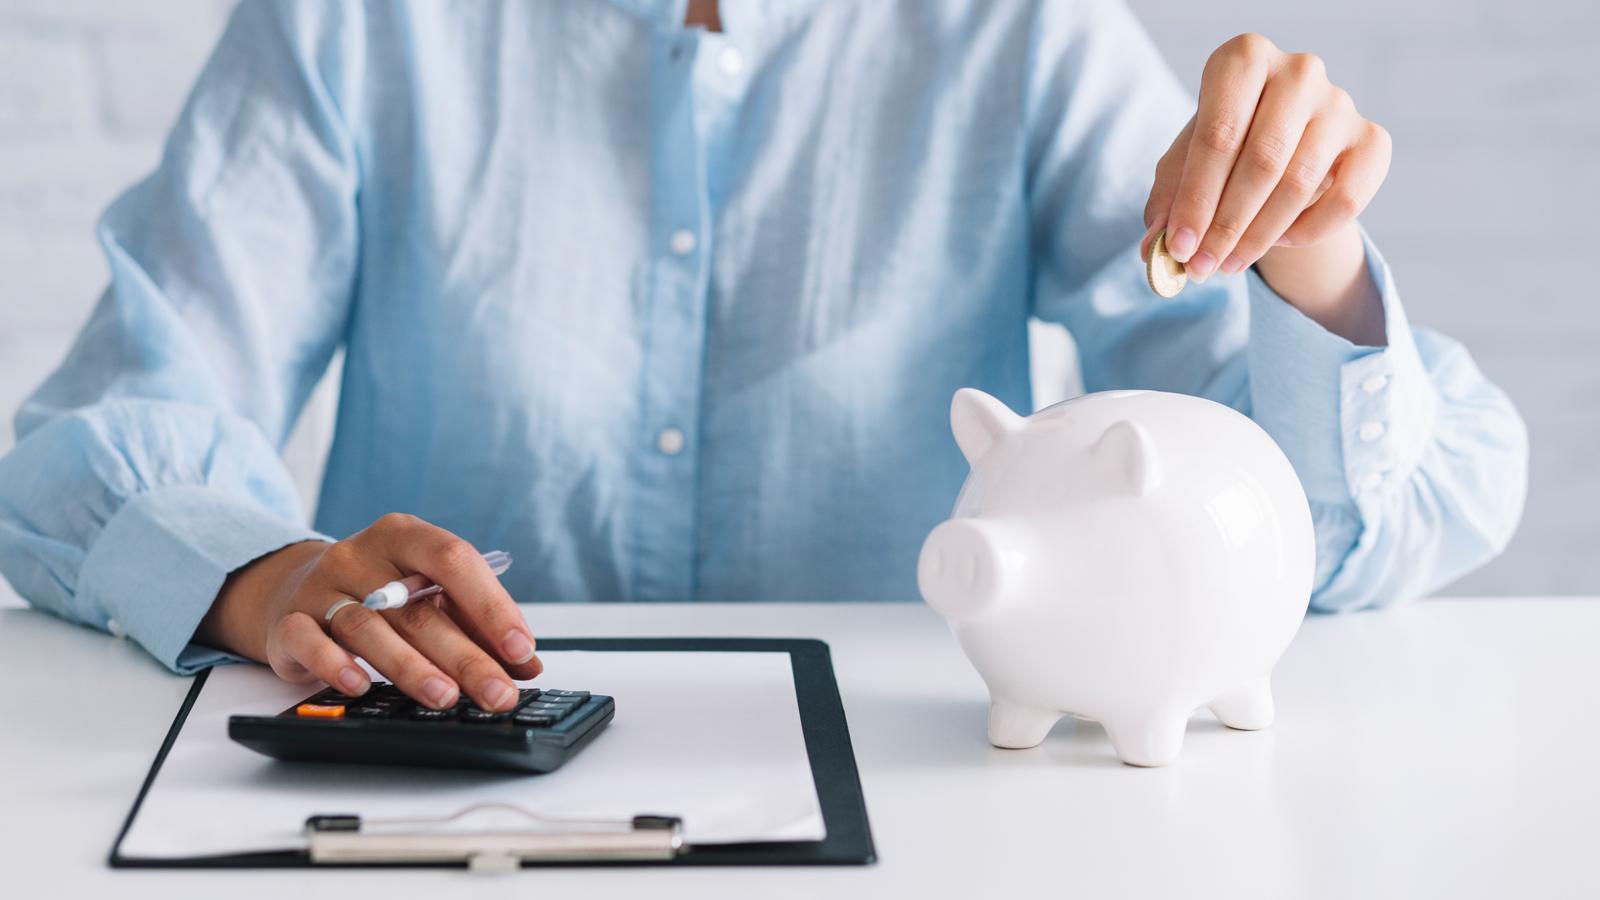 Bạn đang có một khoản tiền nhàn rỗi 100 triệu đồng nhưng băn khoăn nên làm gì để sinh lời từ số tiền này. GenVita sẽ giúp bạn giải bài toán đầu tư gì với 100 triệu để có lợi nhuận nhiều nhất.